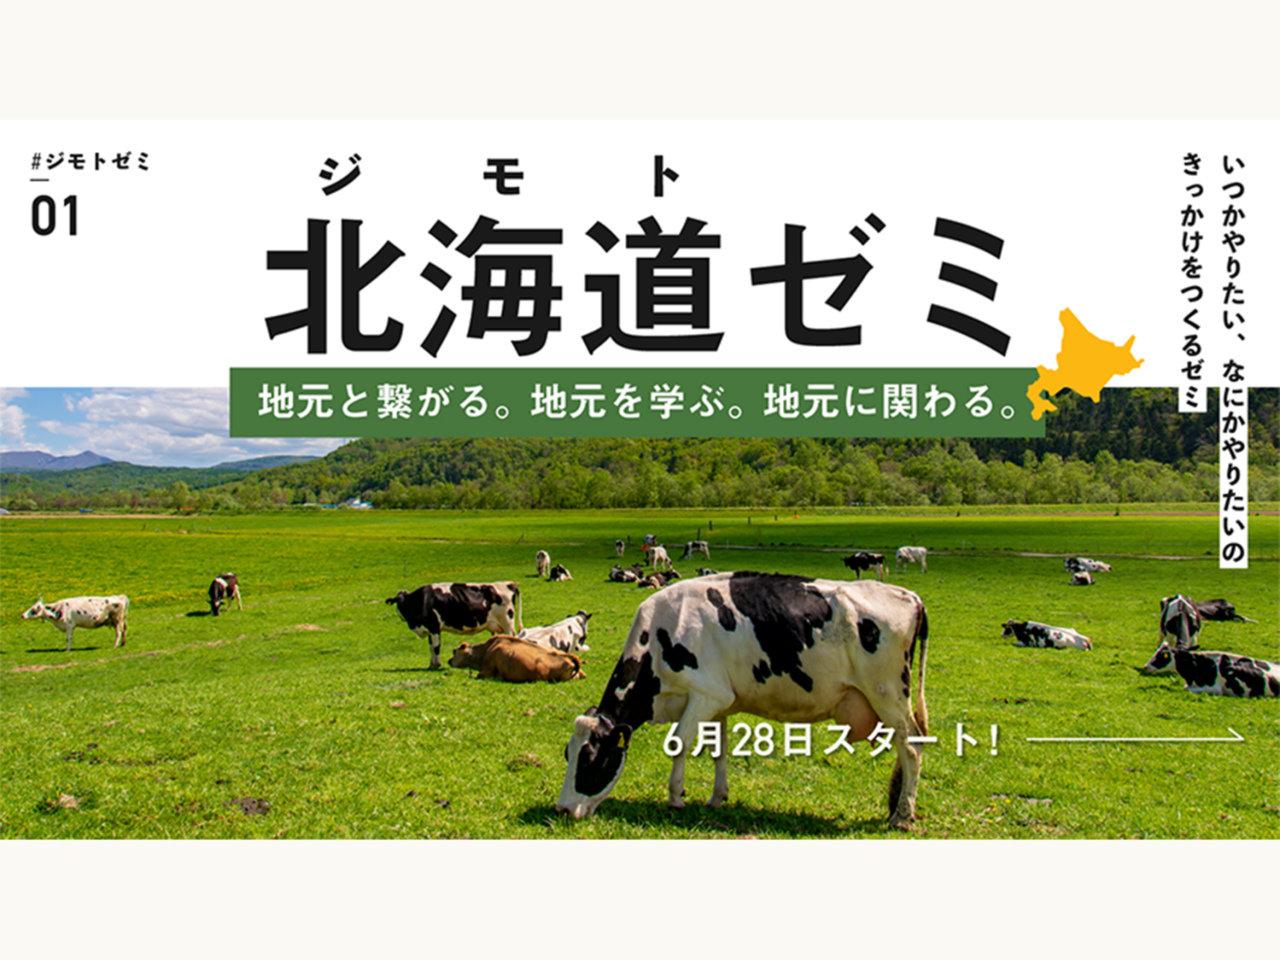 北海道で何か始めたい人向けのコミュニティ「北海道ゼミ」がスタート!